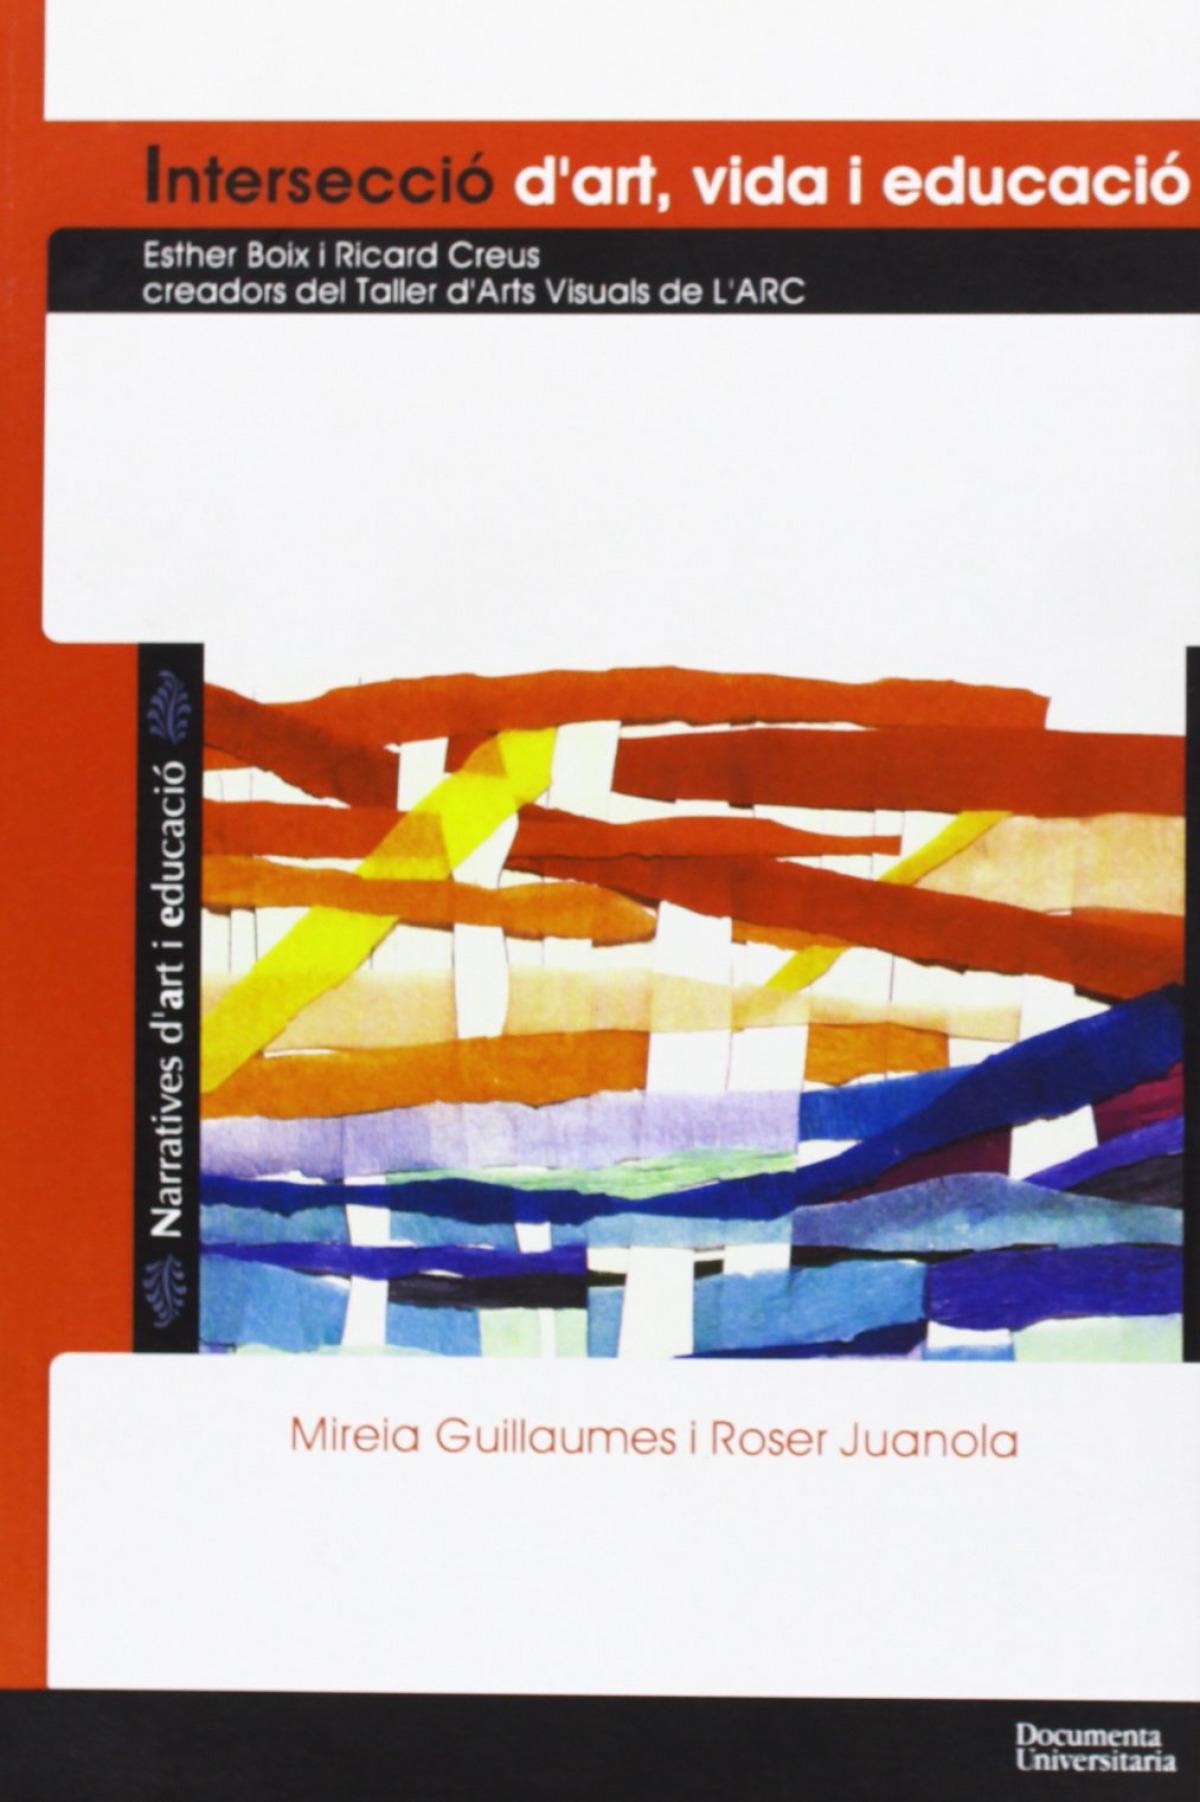 Intersecció d'art, vida i educació - Juanola i Terradellas, Roser/ Guillaumes